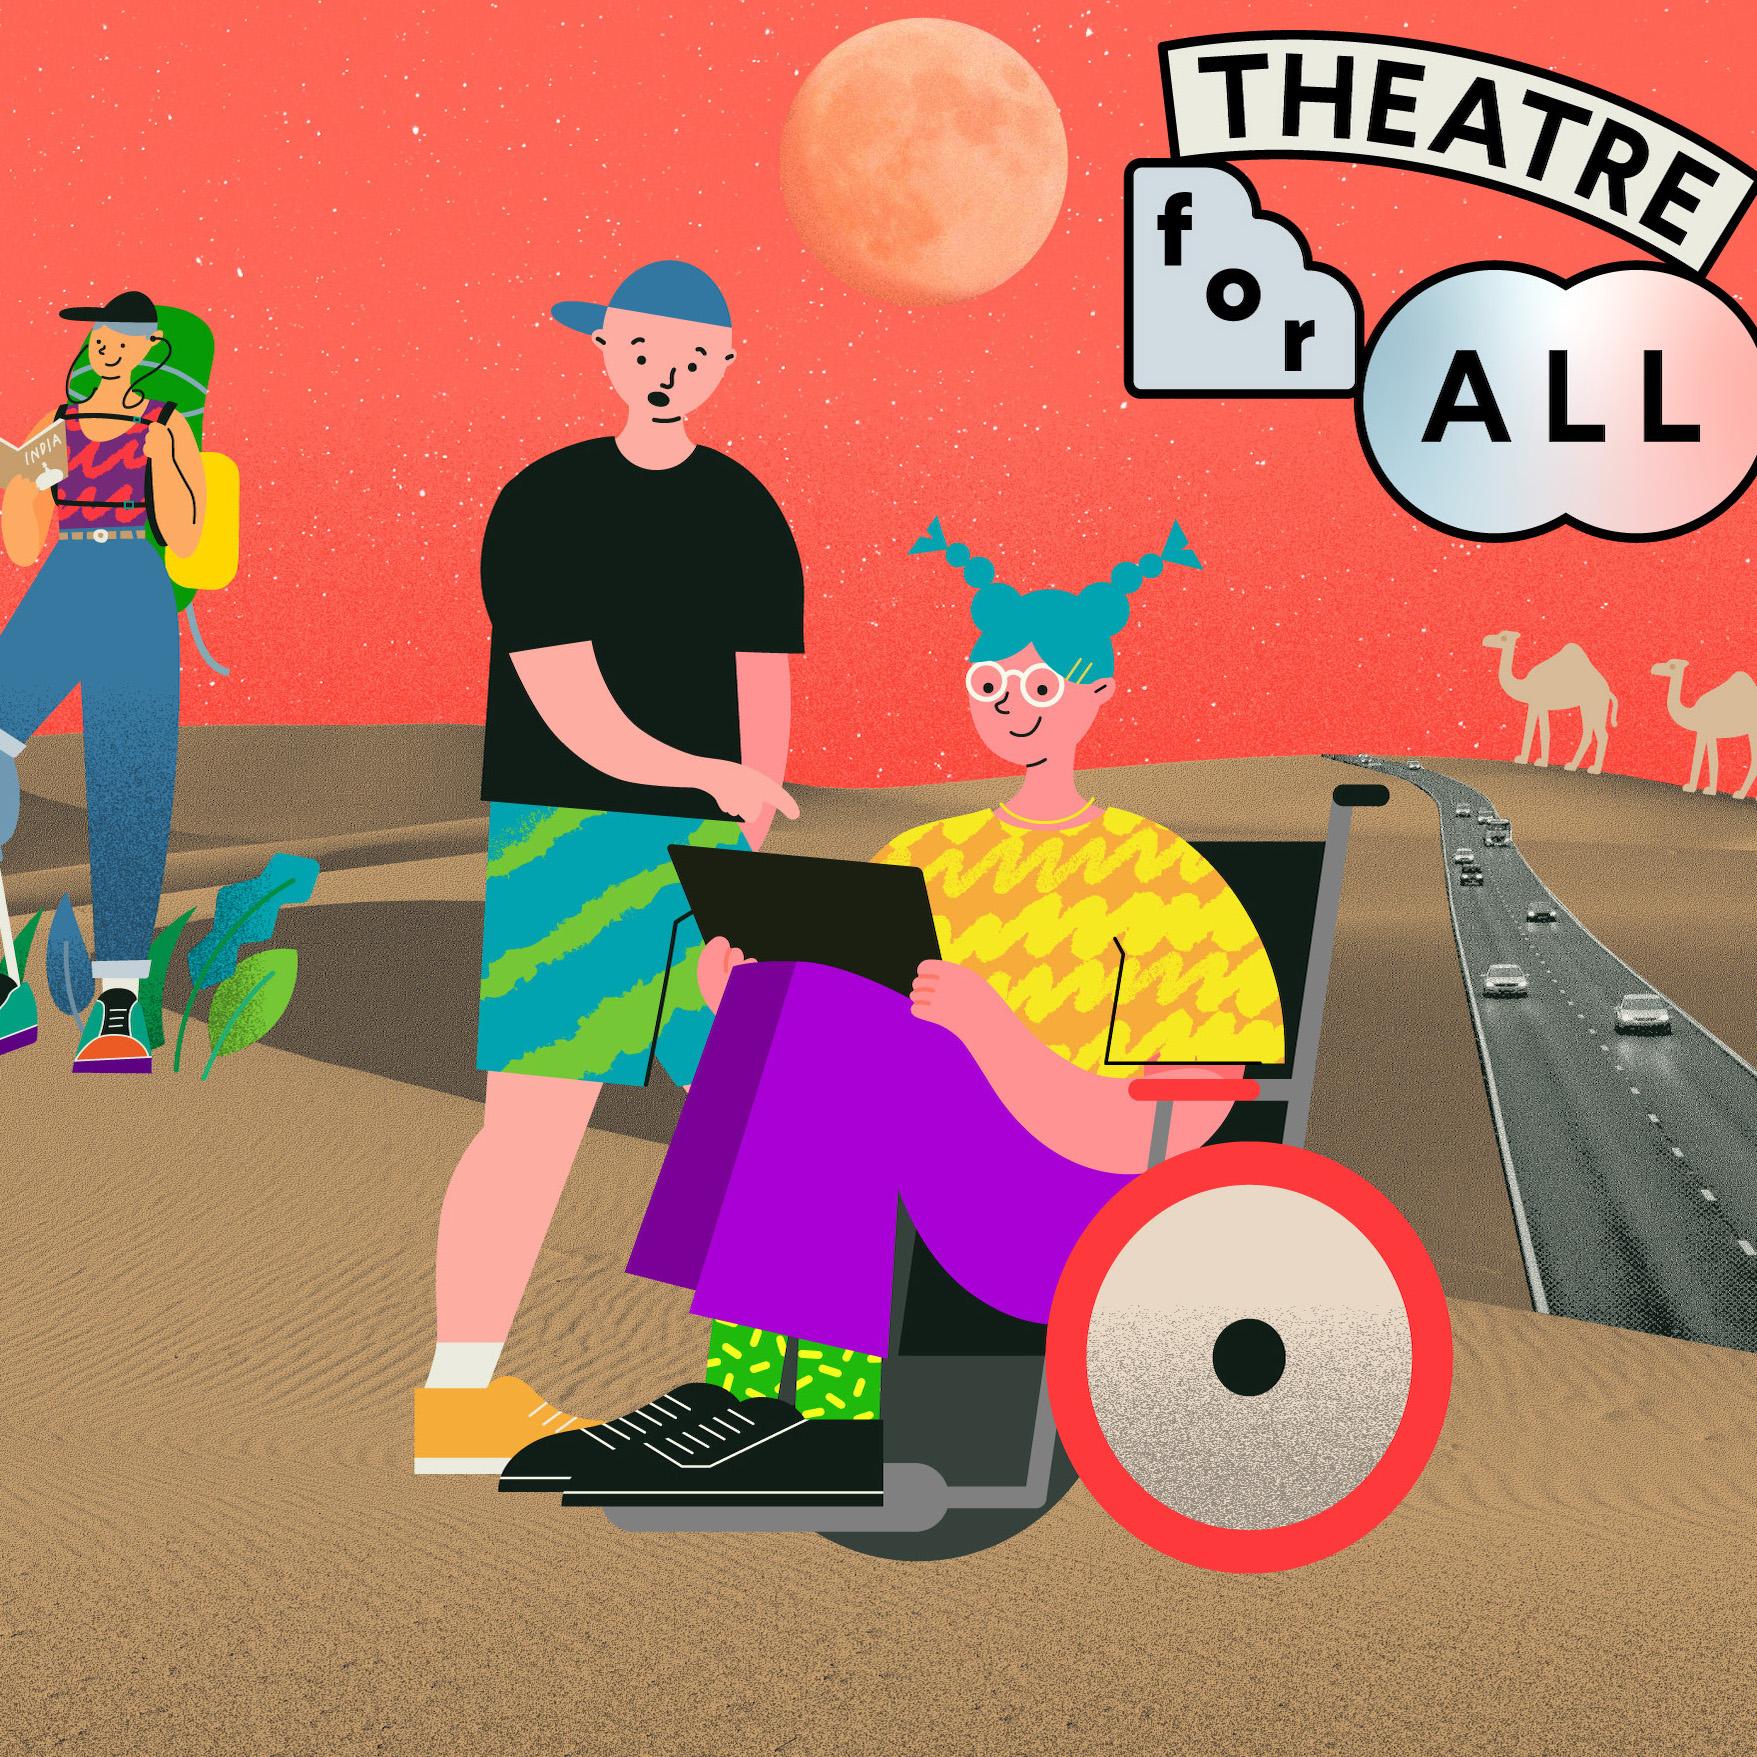 芸術はみんなのもの。日本初のバリアフリーのオンライン劇場「THEATRE for ALL」で広がる輪